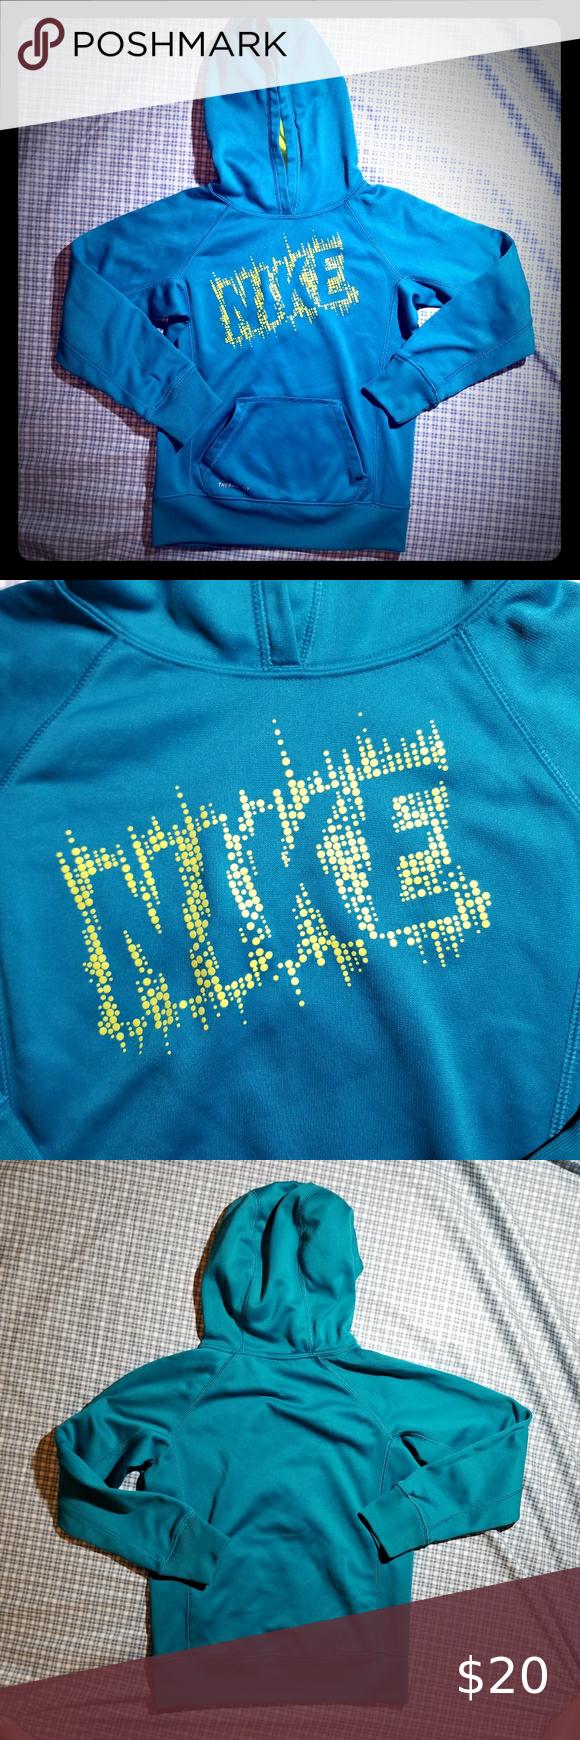 3 20 Nike Aqua Hoodie With Nike Graphic Girls M Blue Hoodie Girl M Hoodies [ 1740 x 580 Pixel ]